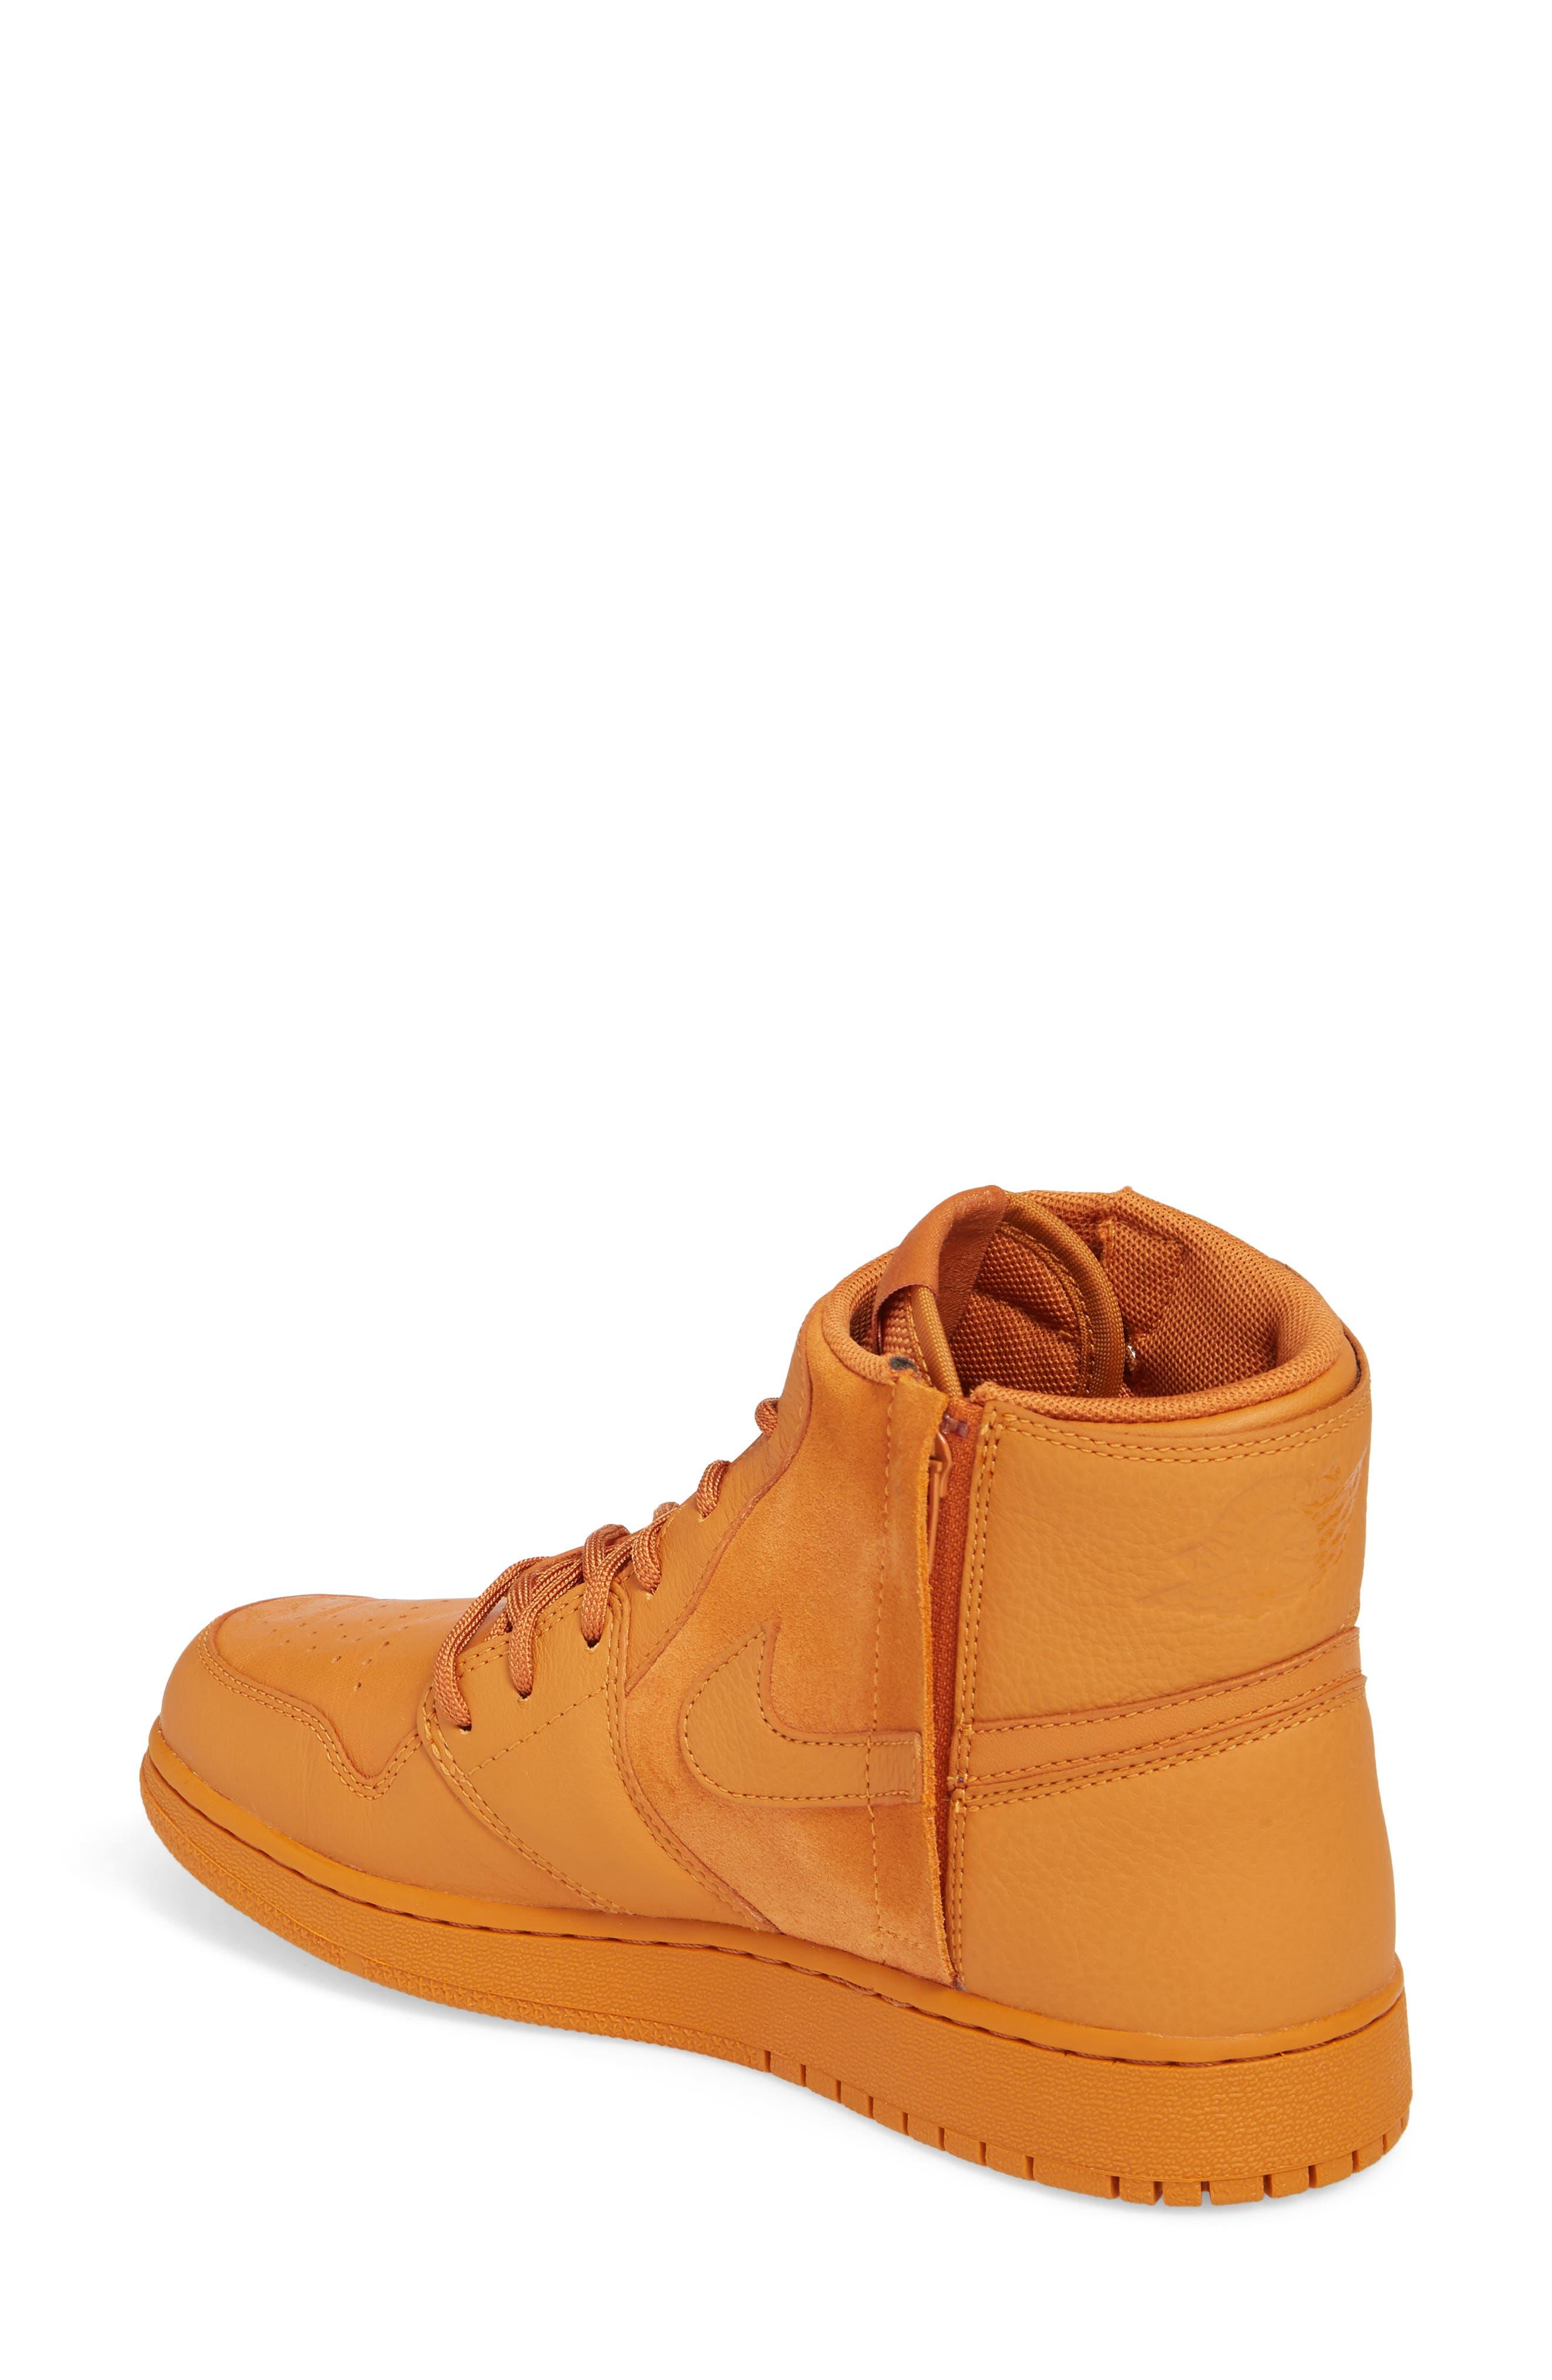 Air Jordan 1 Rebel XX High Top Sneaker,                             Alternate thumbnail 4, color,